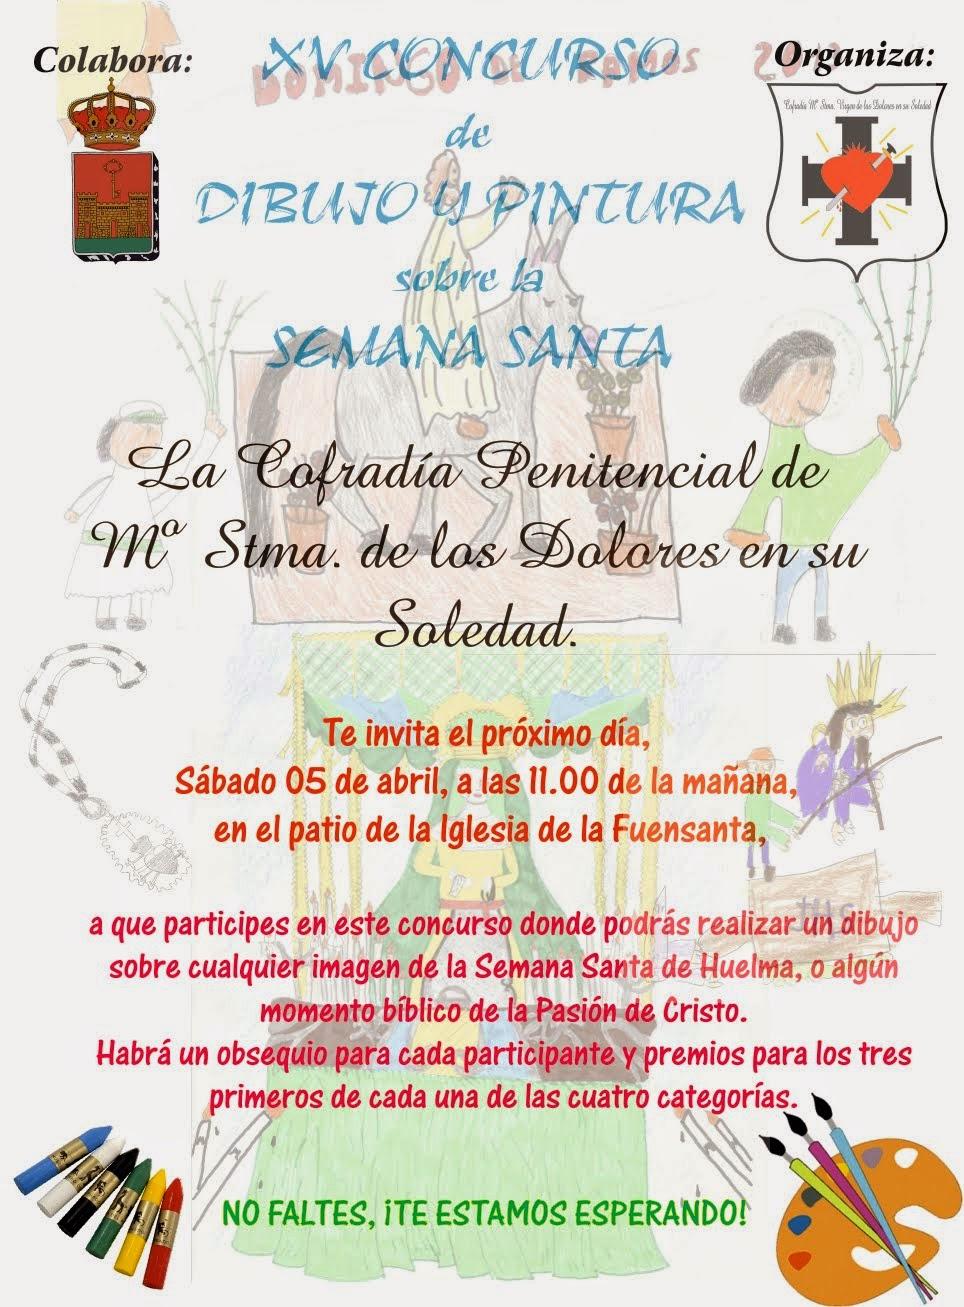 XV CONCURSO DE PNTURA SOBRE SEMANA SANTA